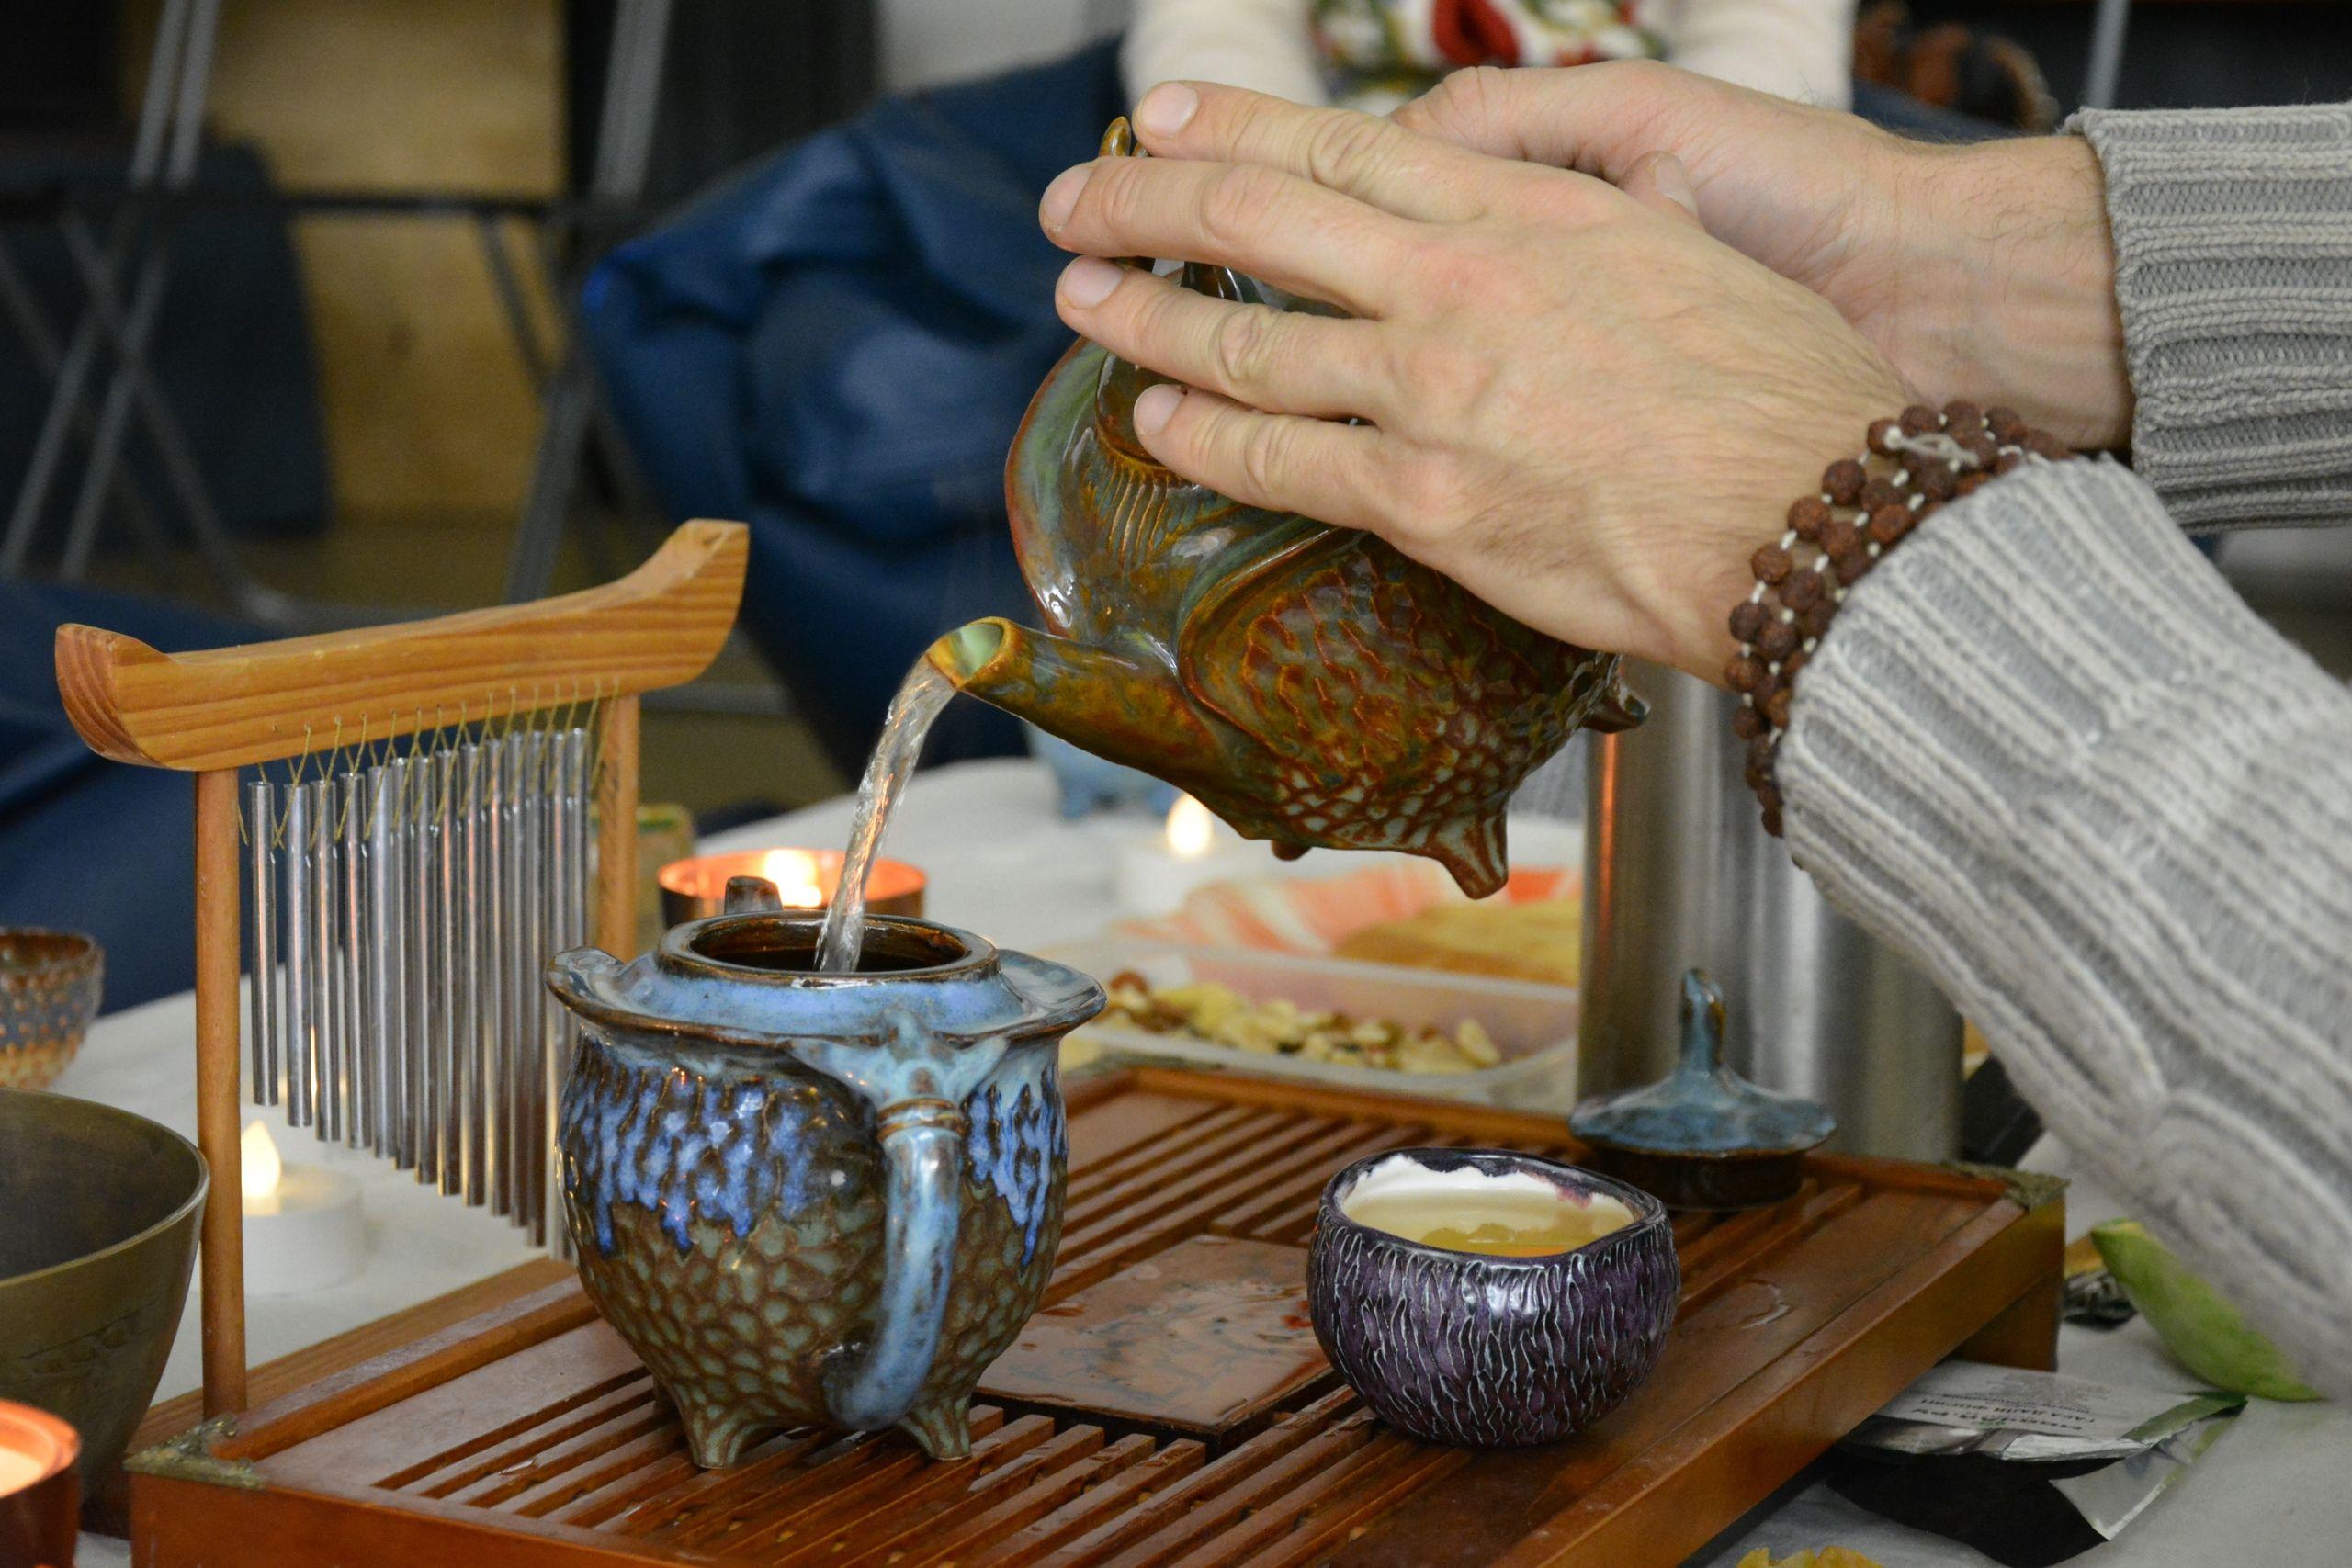 Рассказы про Индию и чайная церемония: встреча клуба «Перекресток миров» состоялась в Троицке